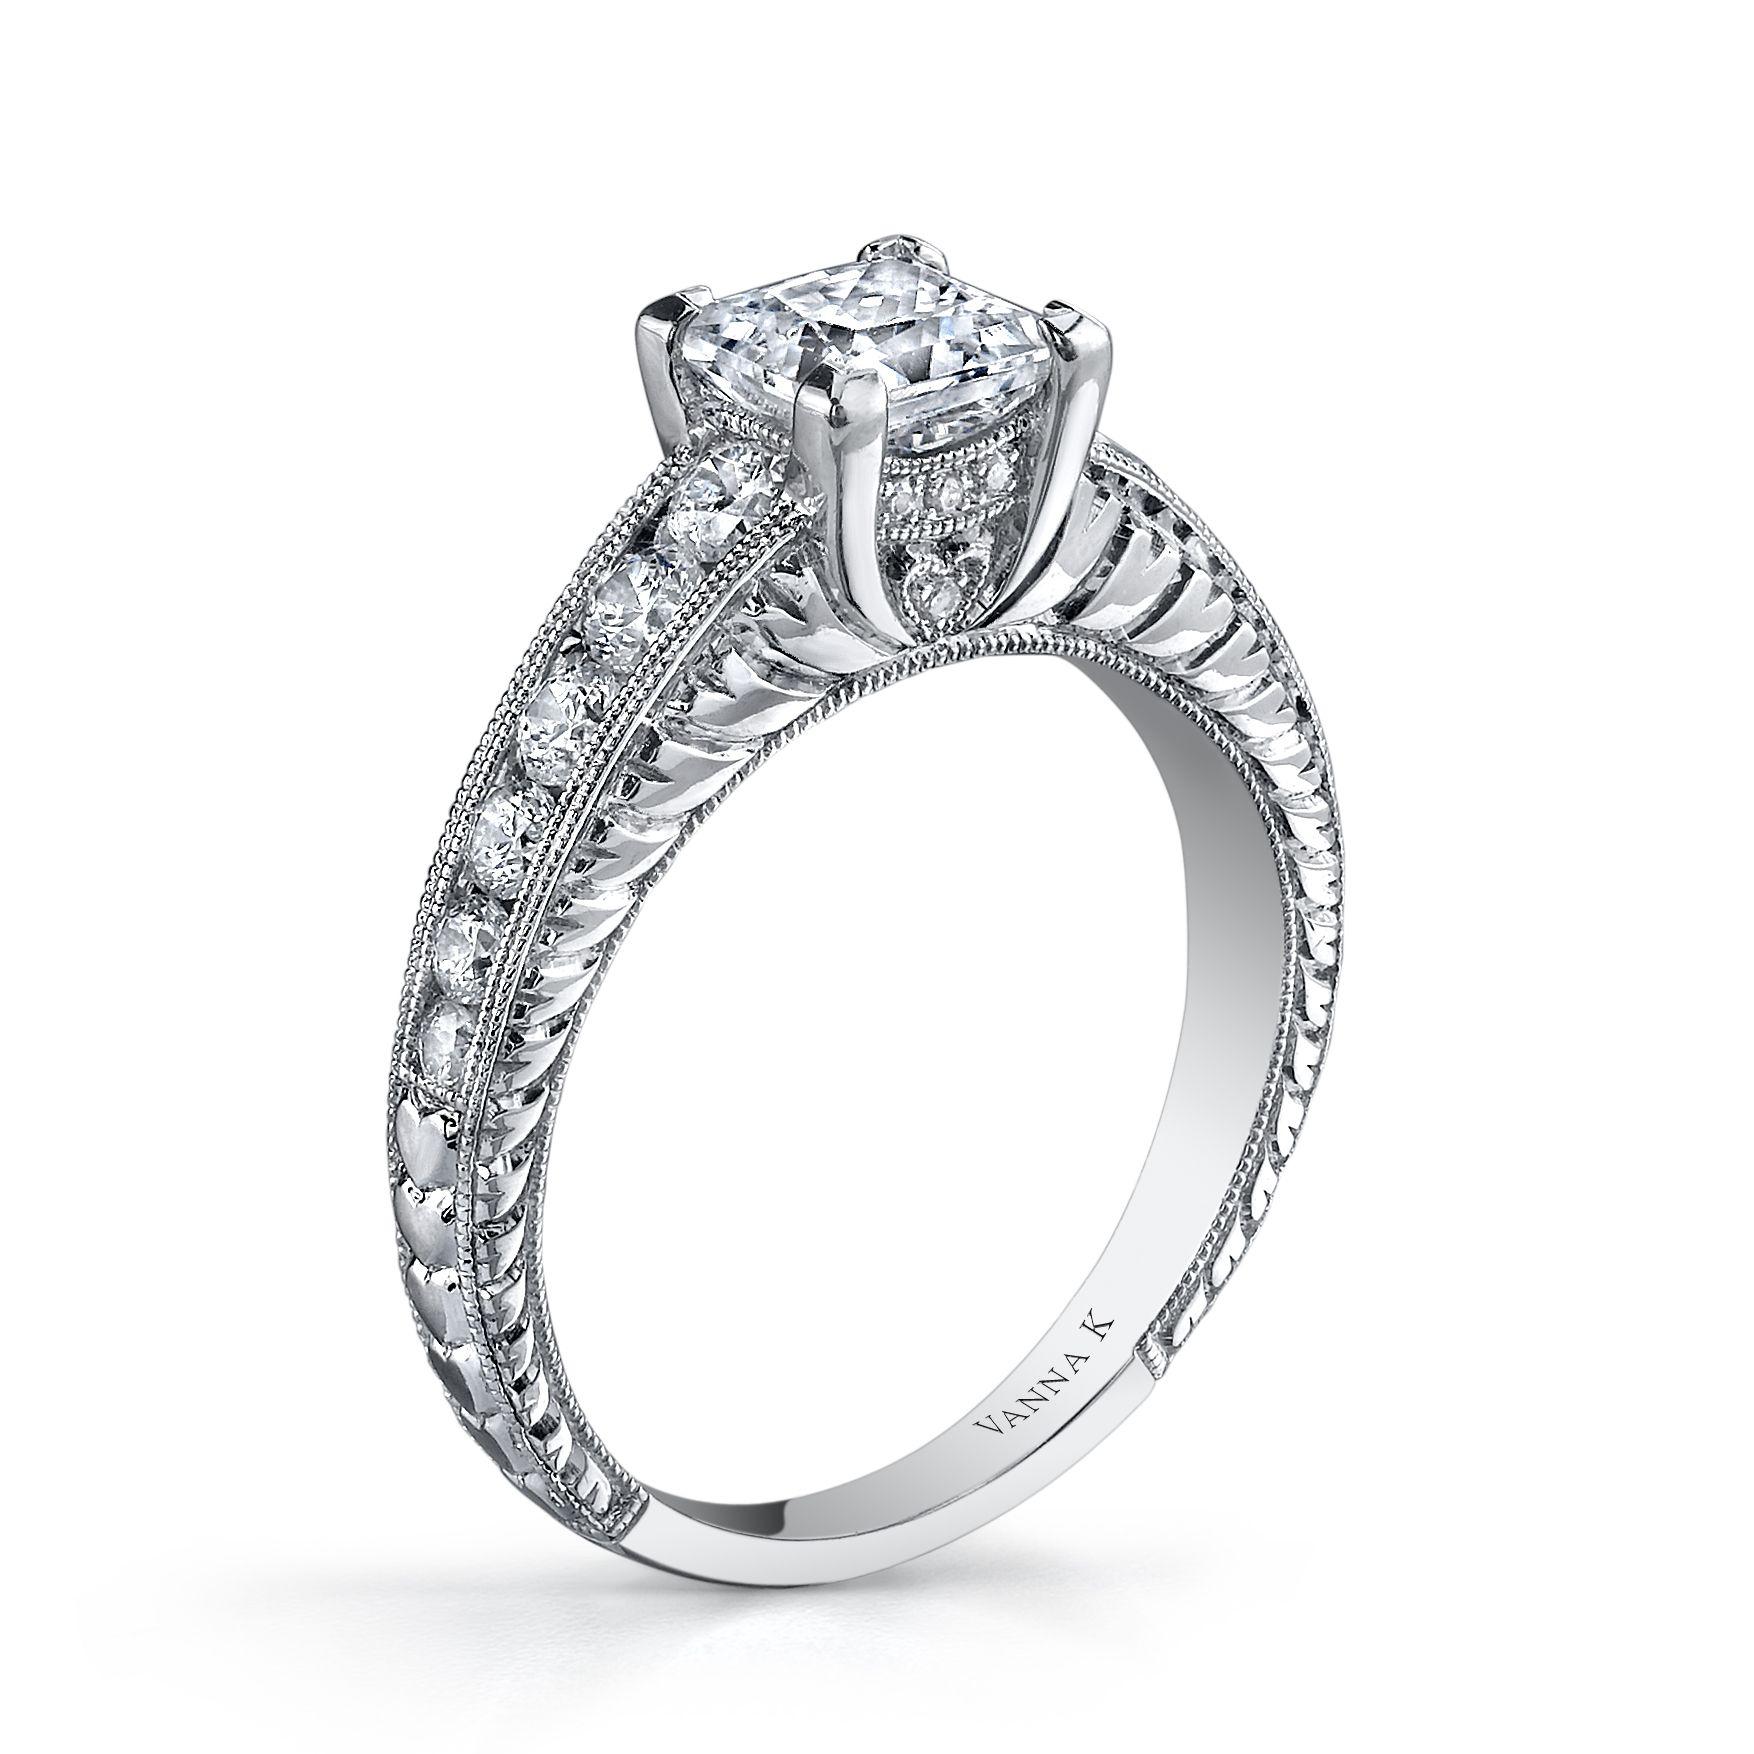 Vanna K Diamond Round 057 carats not including 1 Carat center